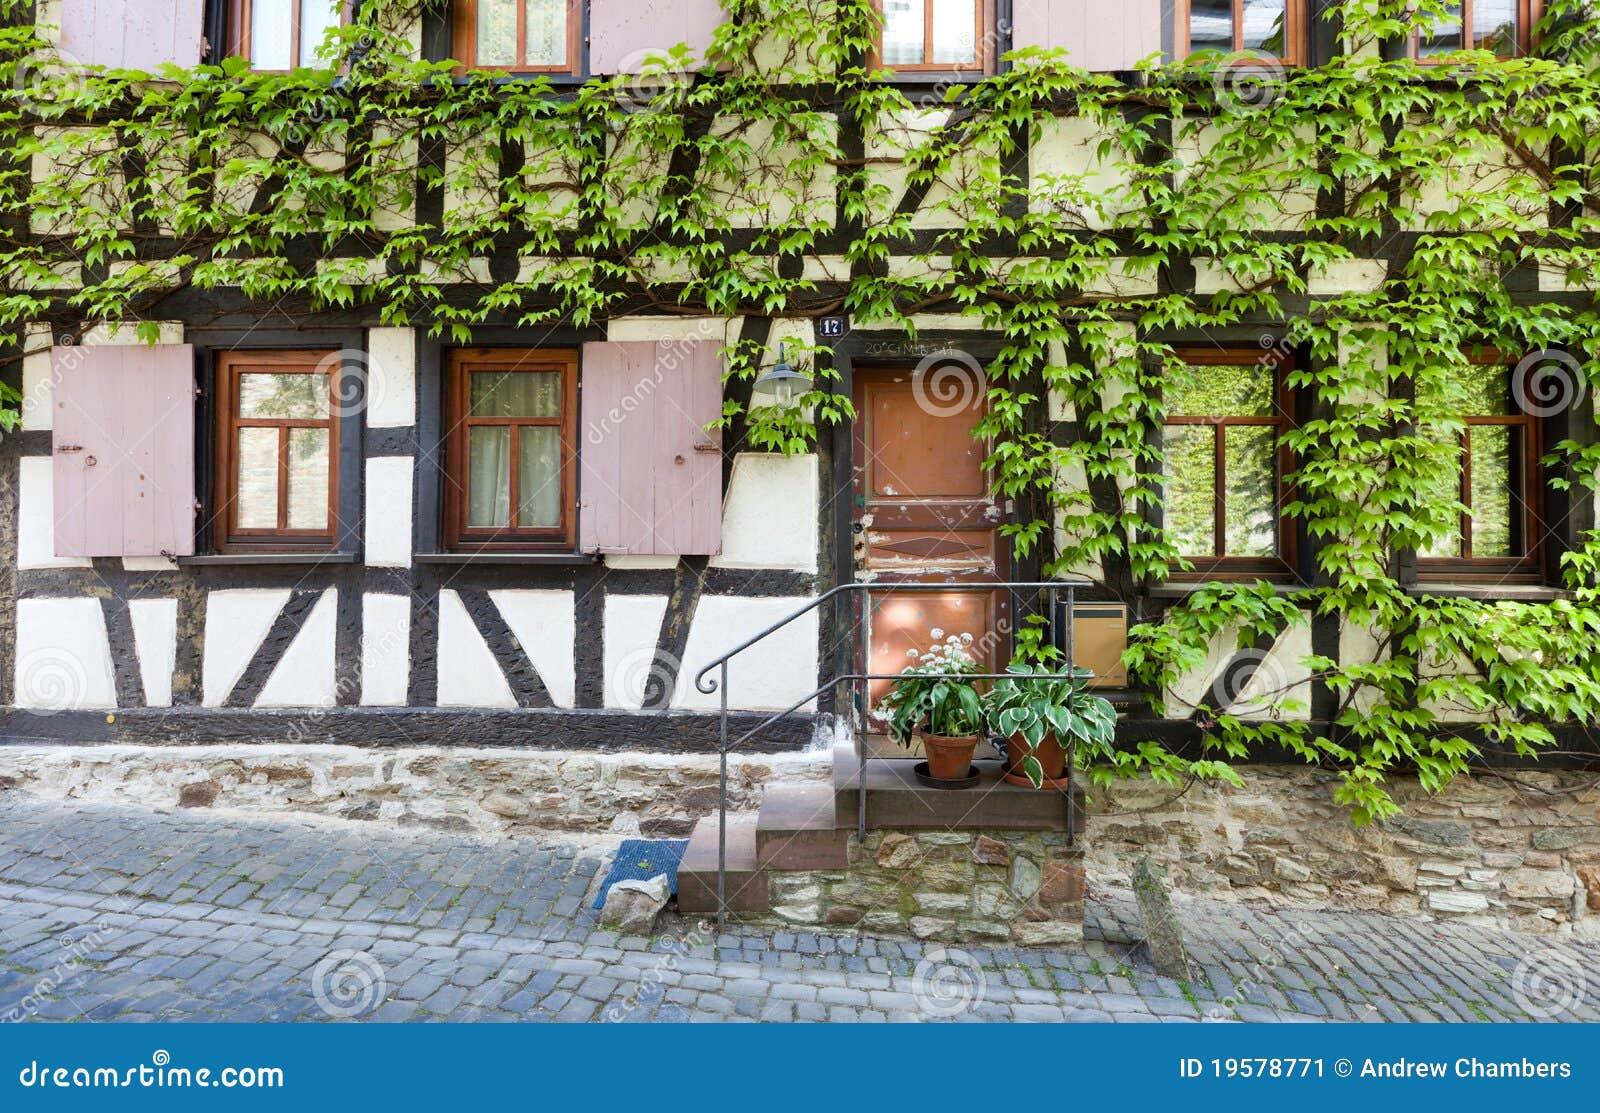 Fachwerk and vines stock image image 19578771 for 3d fachwerk